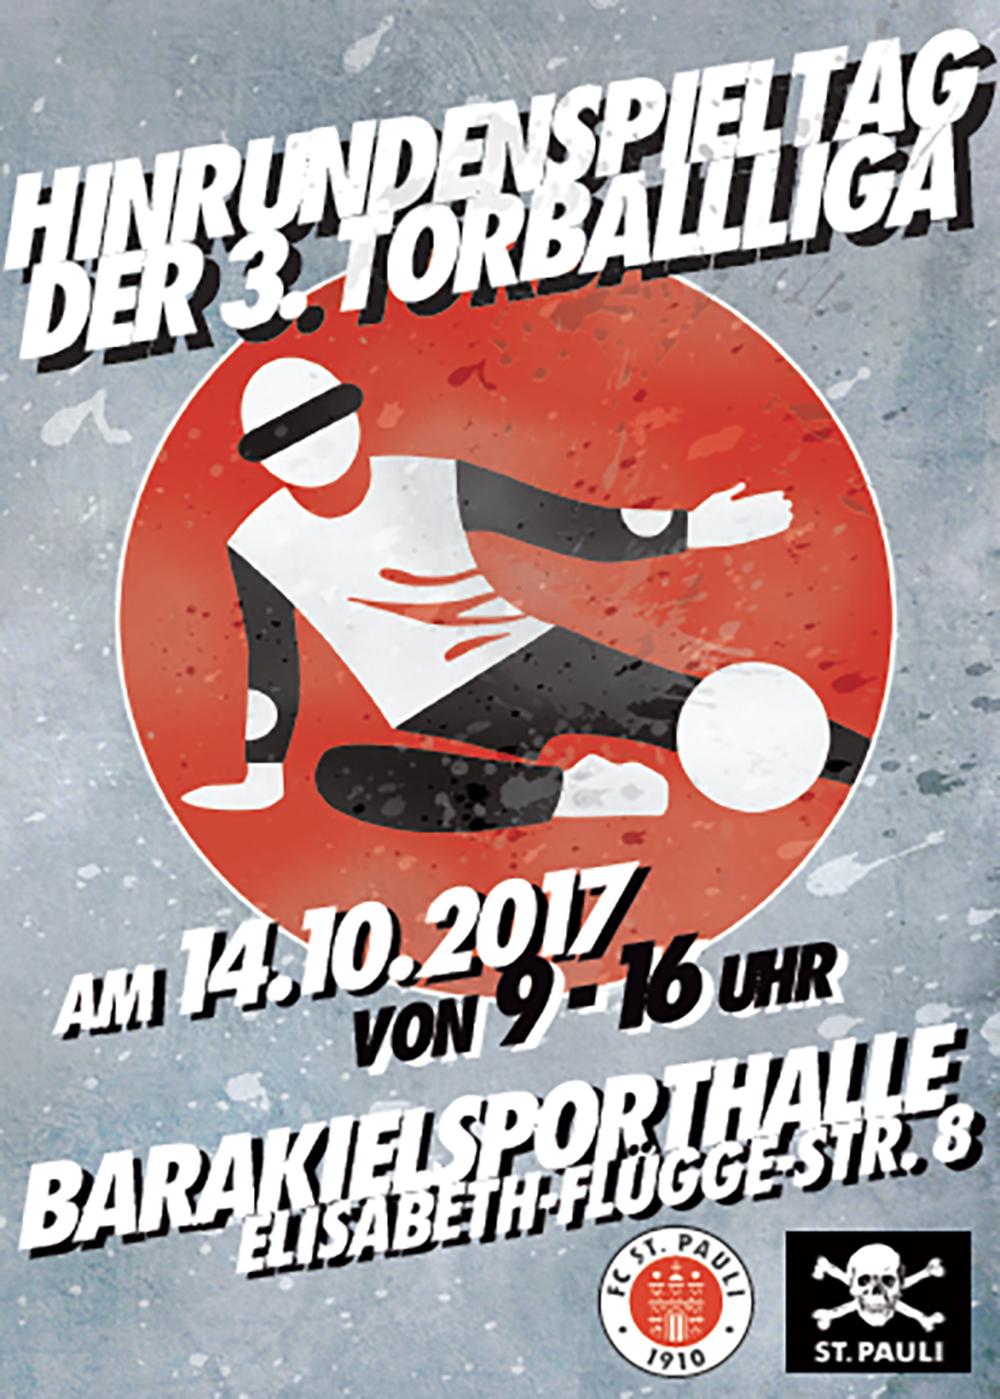 Tor- und Goalballer tragen Hinrundenspieltag im Rennen um Aufstieg in 2. Bundesliga aus